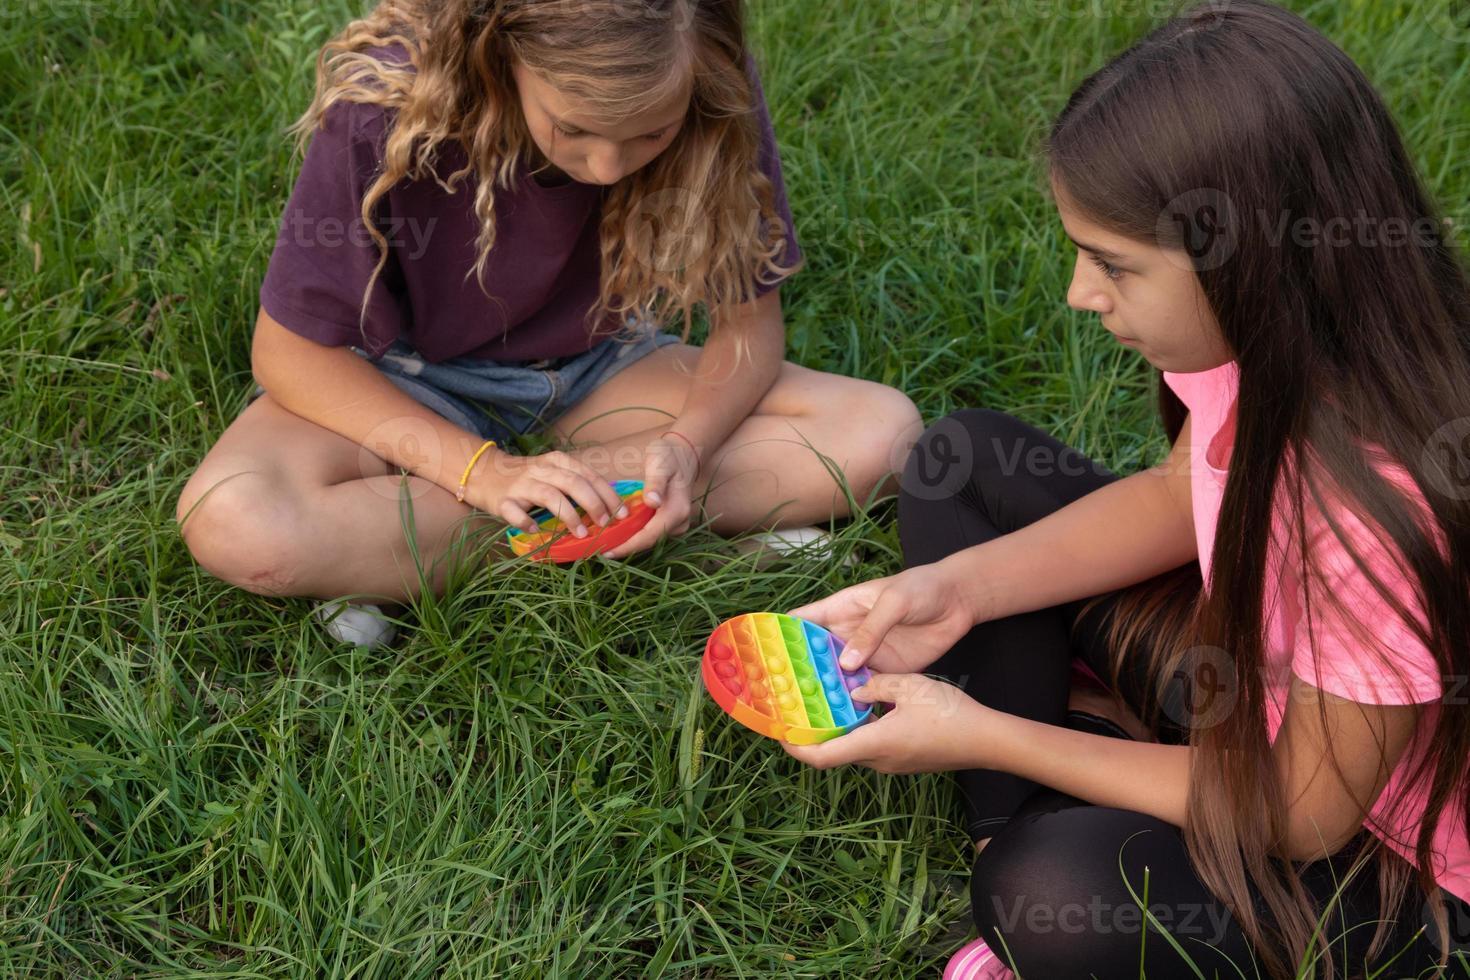 las niñas juegan al aire libre el popular juguete pop-it con toque de silicona colorido foto